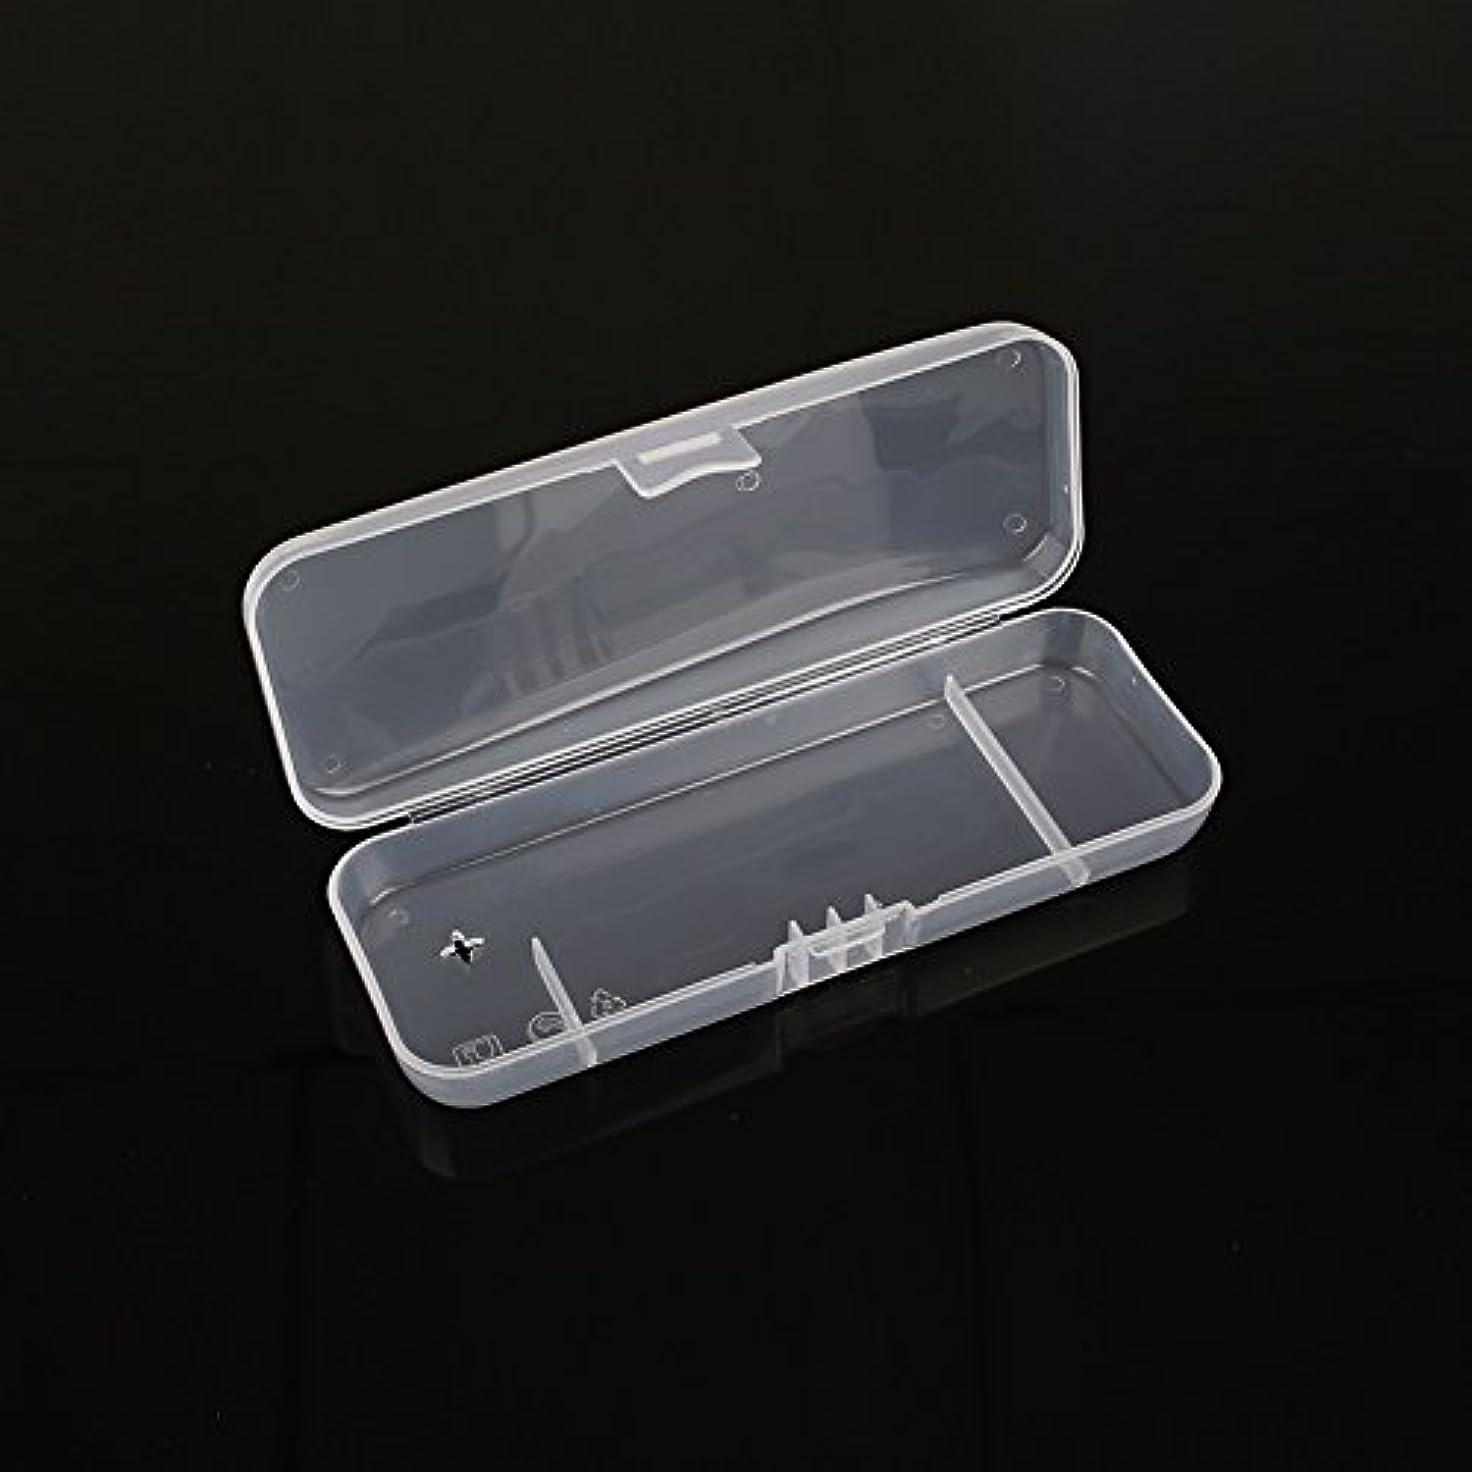 苦積極的に短くするキコード 白い透明 ポータブル シェービングボックス シェーバー用 トラベルレジャープロテクター